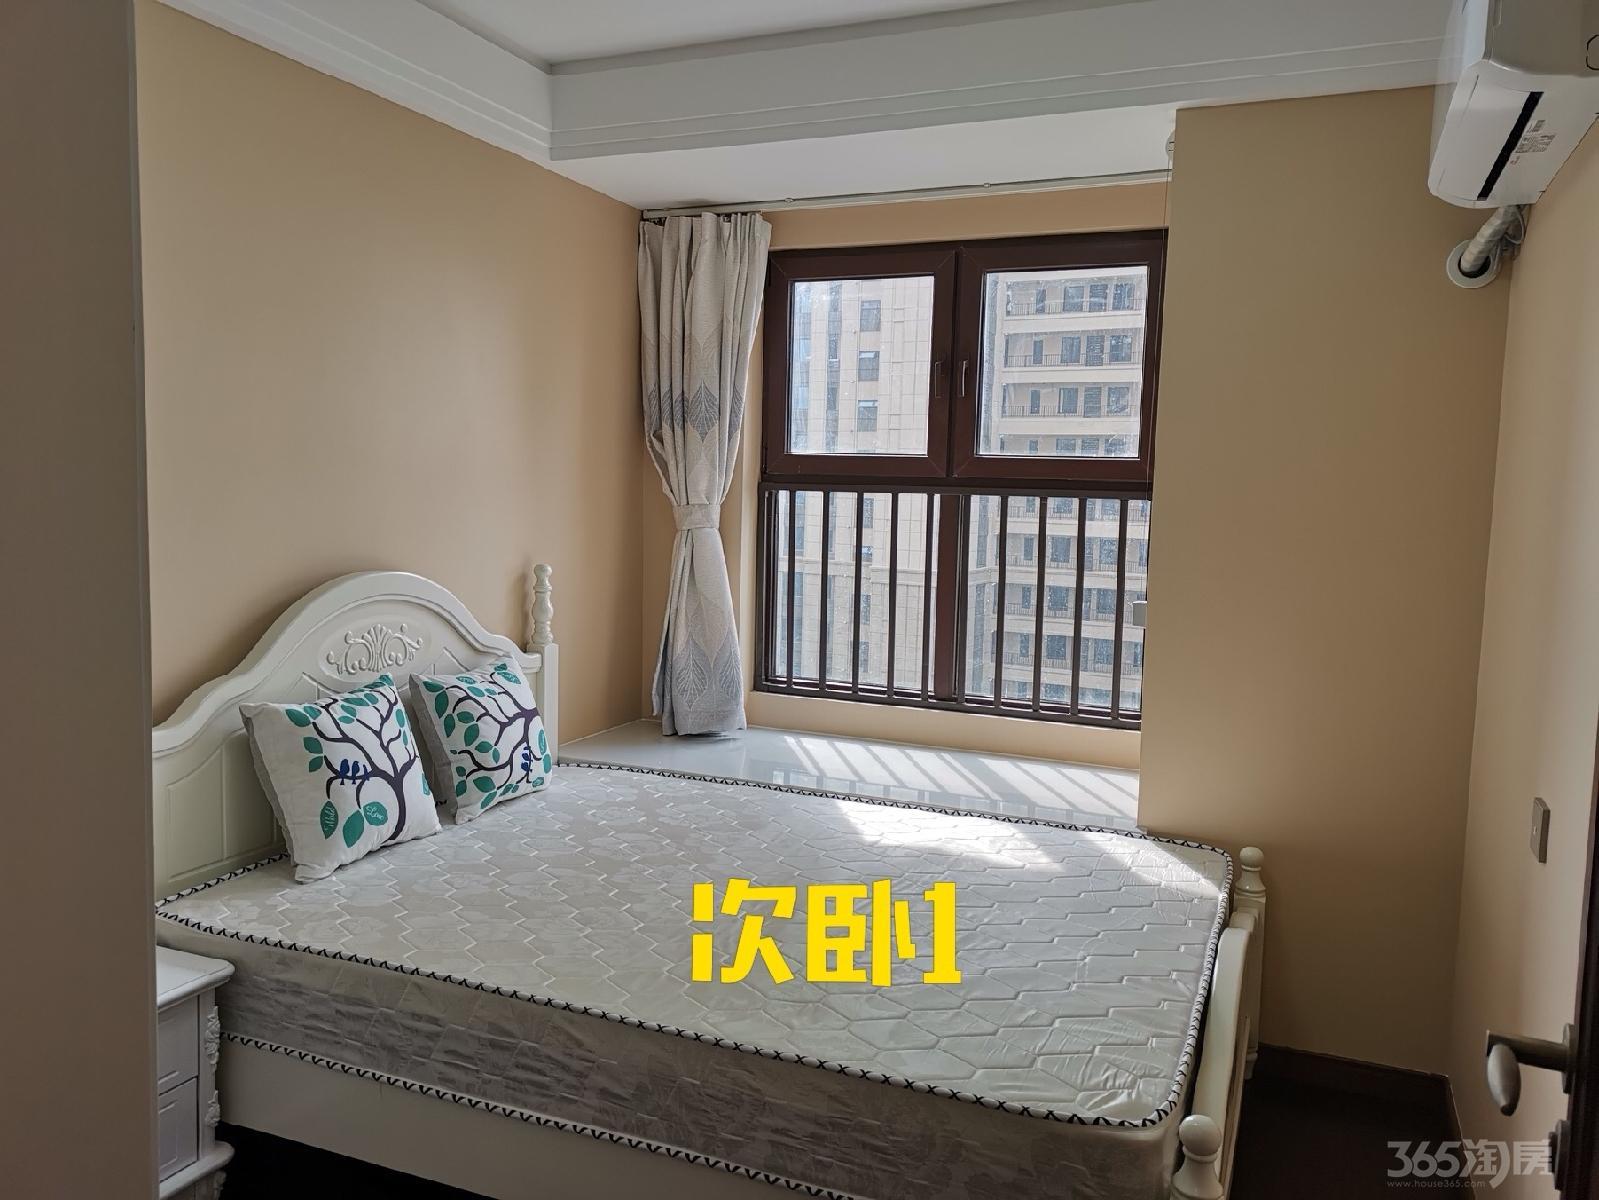 江宁区百家湖万科翡翠公园3室2厅户型图